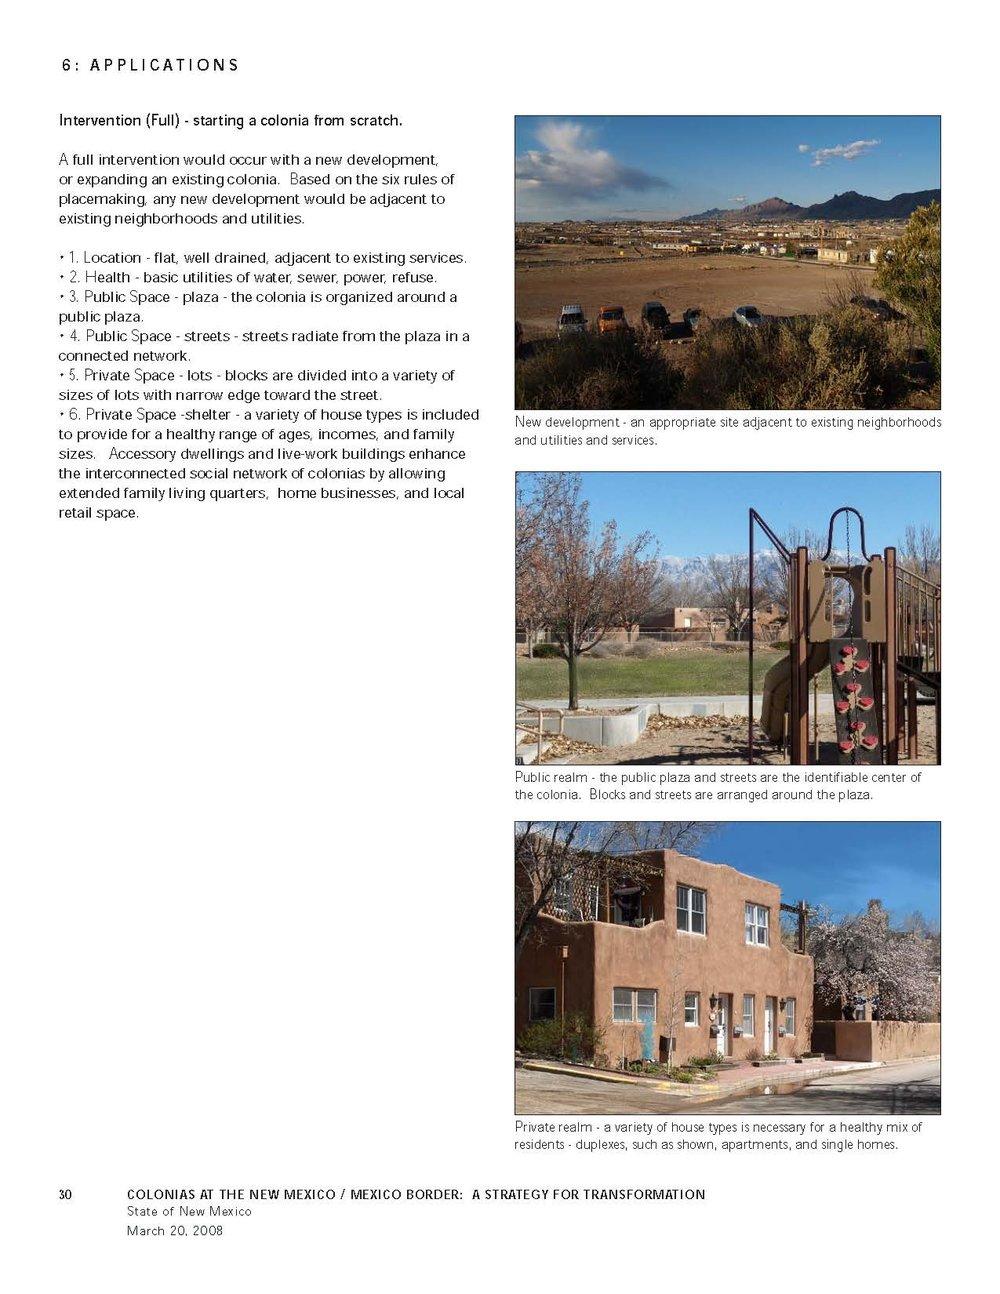 colonias_Page_30.jpg